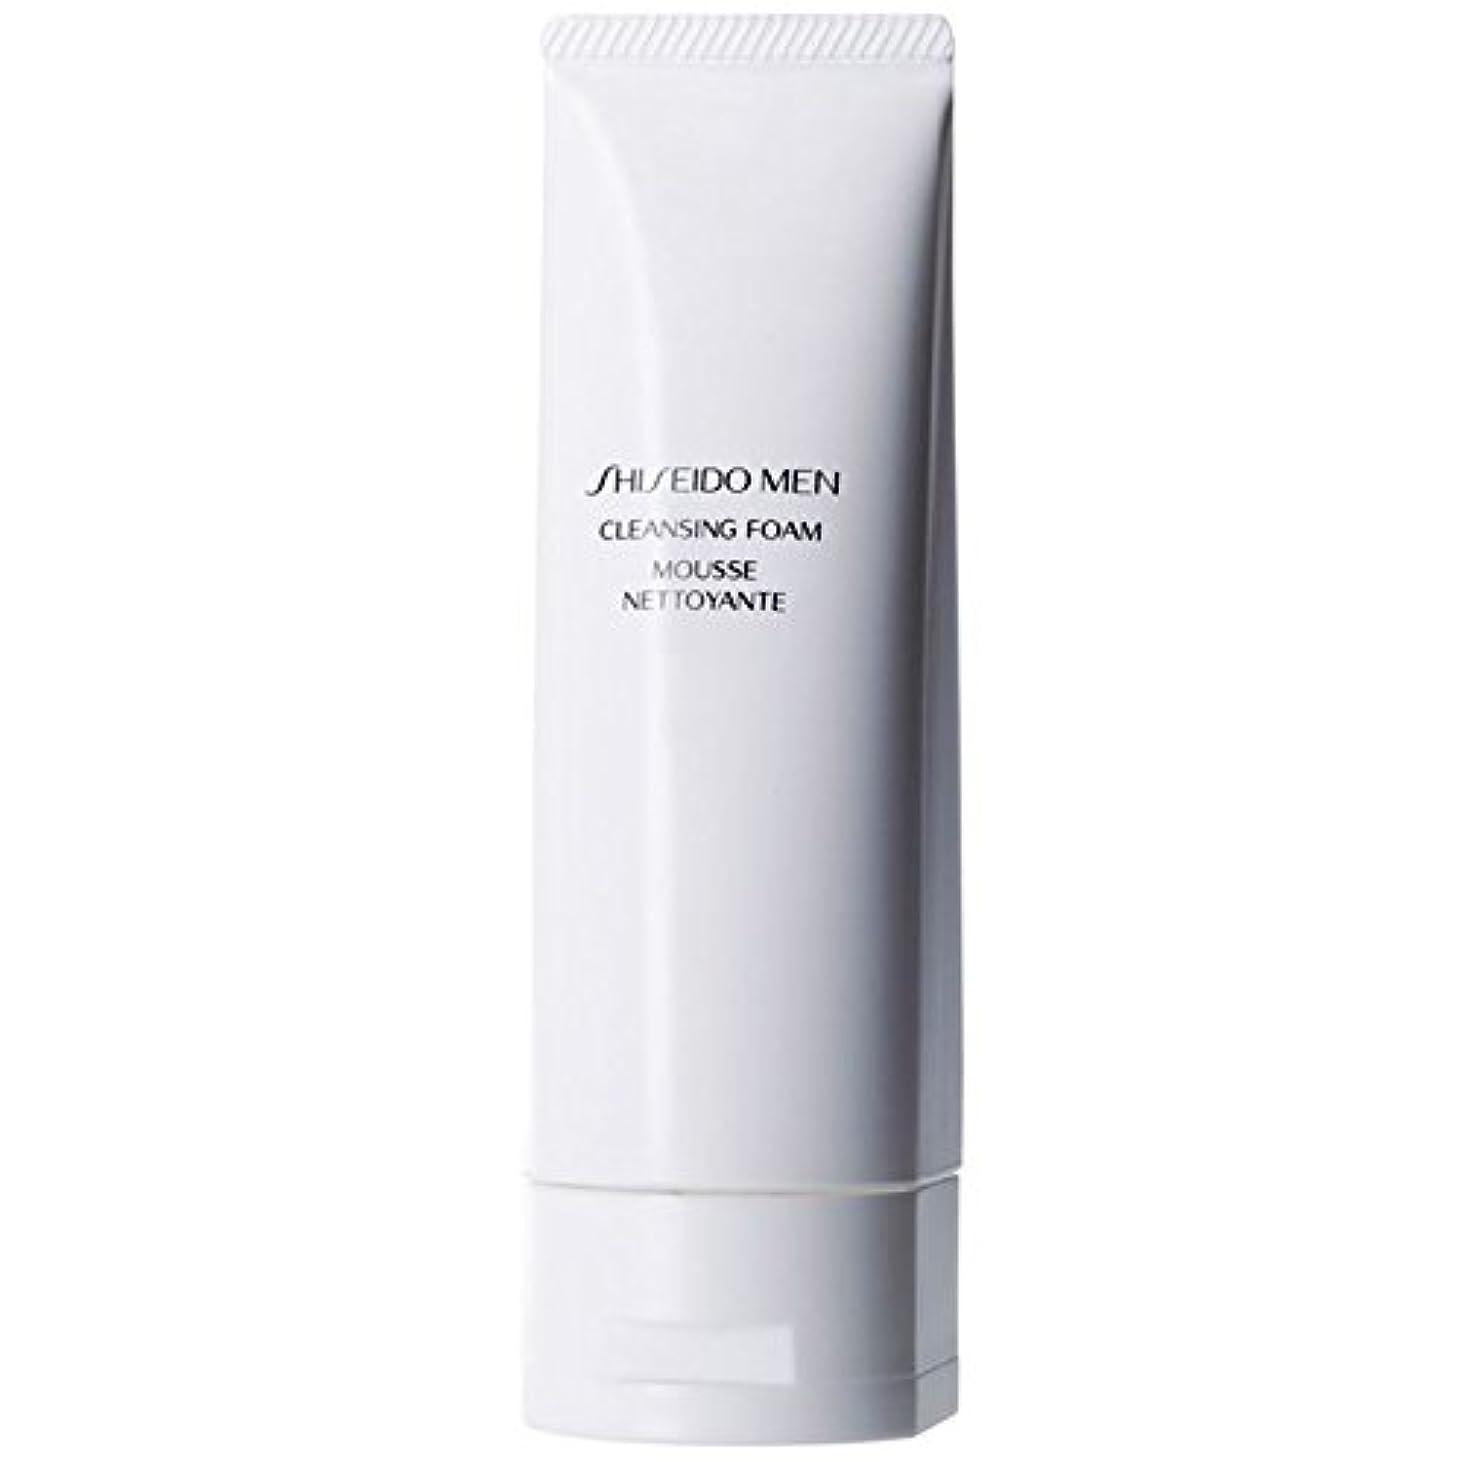 タイトルペニー持続する[Shiseido] 泡125ミリリットルをクレンジング資生堂の男性 - Shiseido Men Cleansing Foam 125ml [並行輸入品]